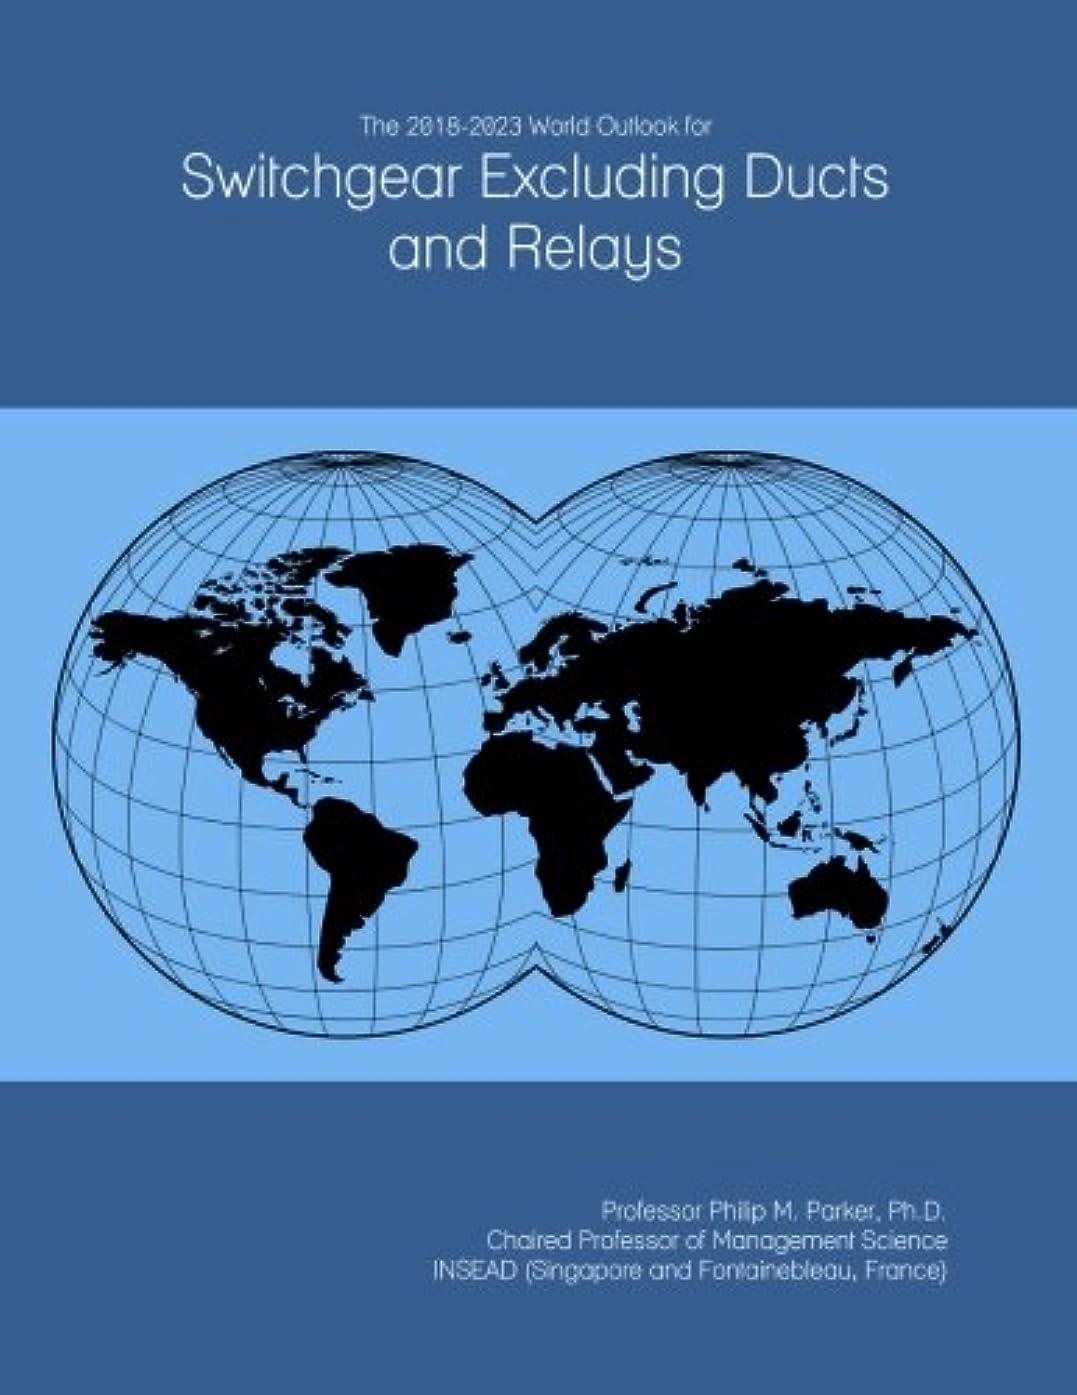 近代化スプレー名前を作るThe 2018-2023 World Outlook for Switchgear Excluding Ducts and Relays